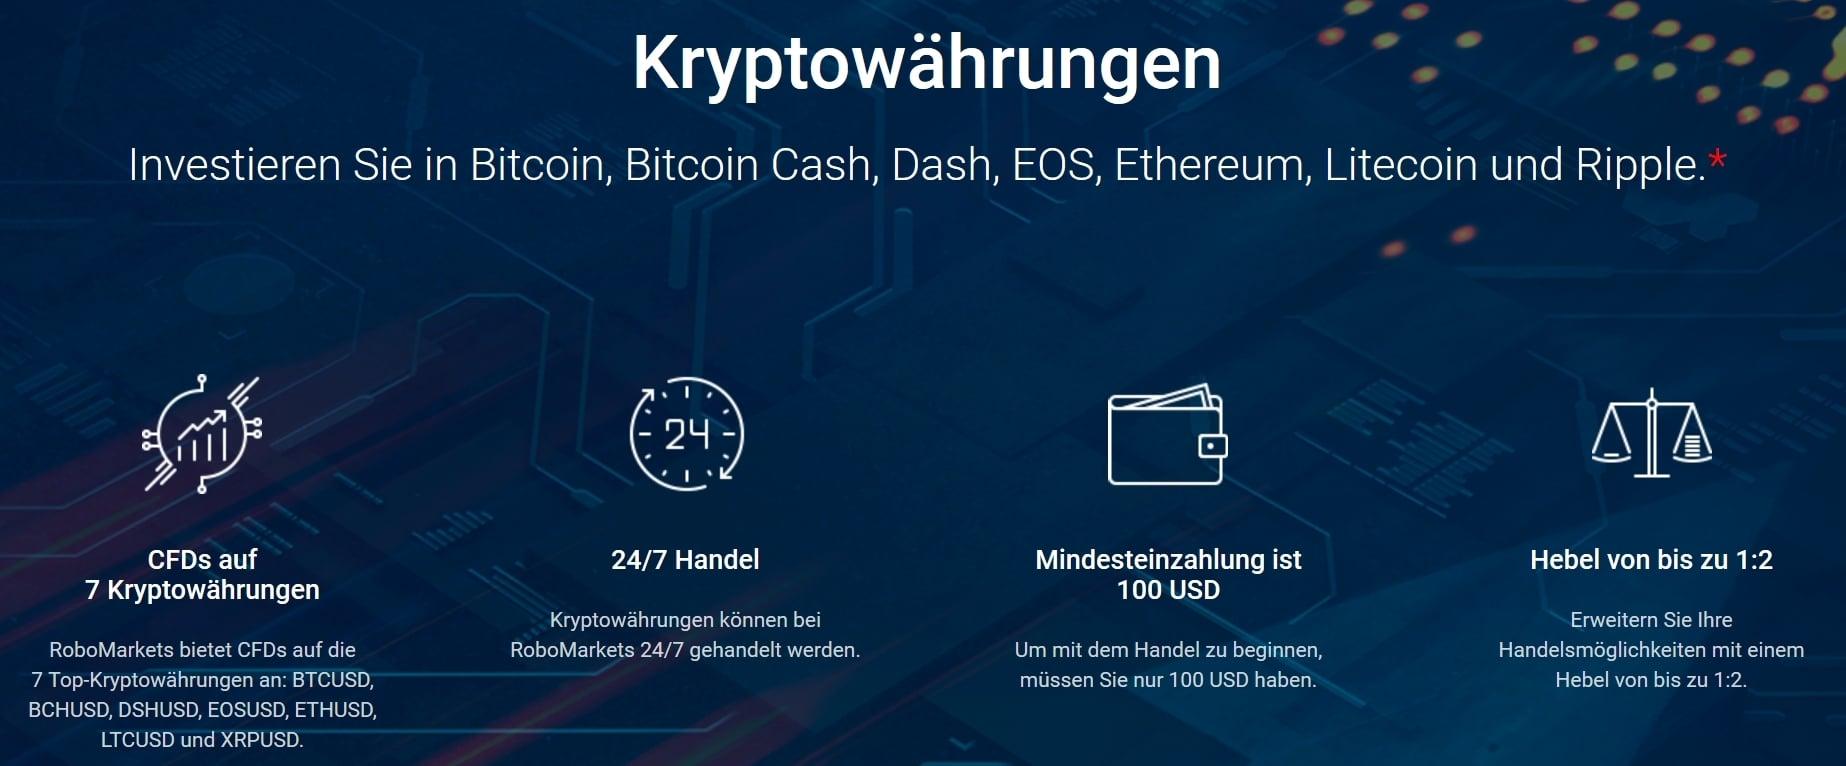 Key Facts zu Kryptowährungen bei RoboMarkets